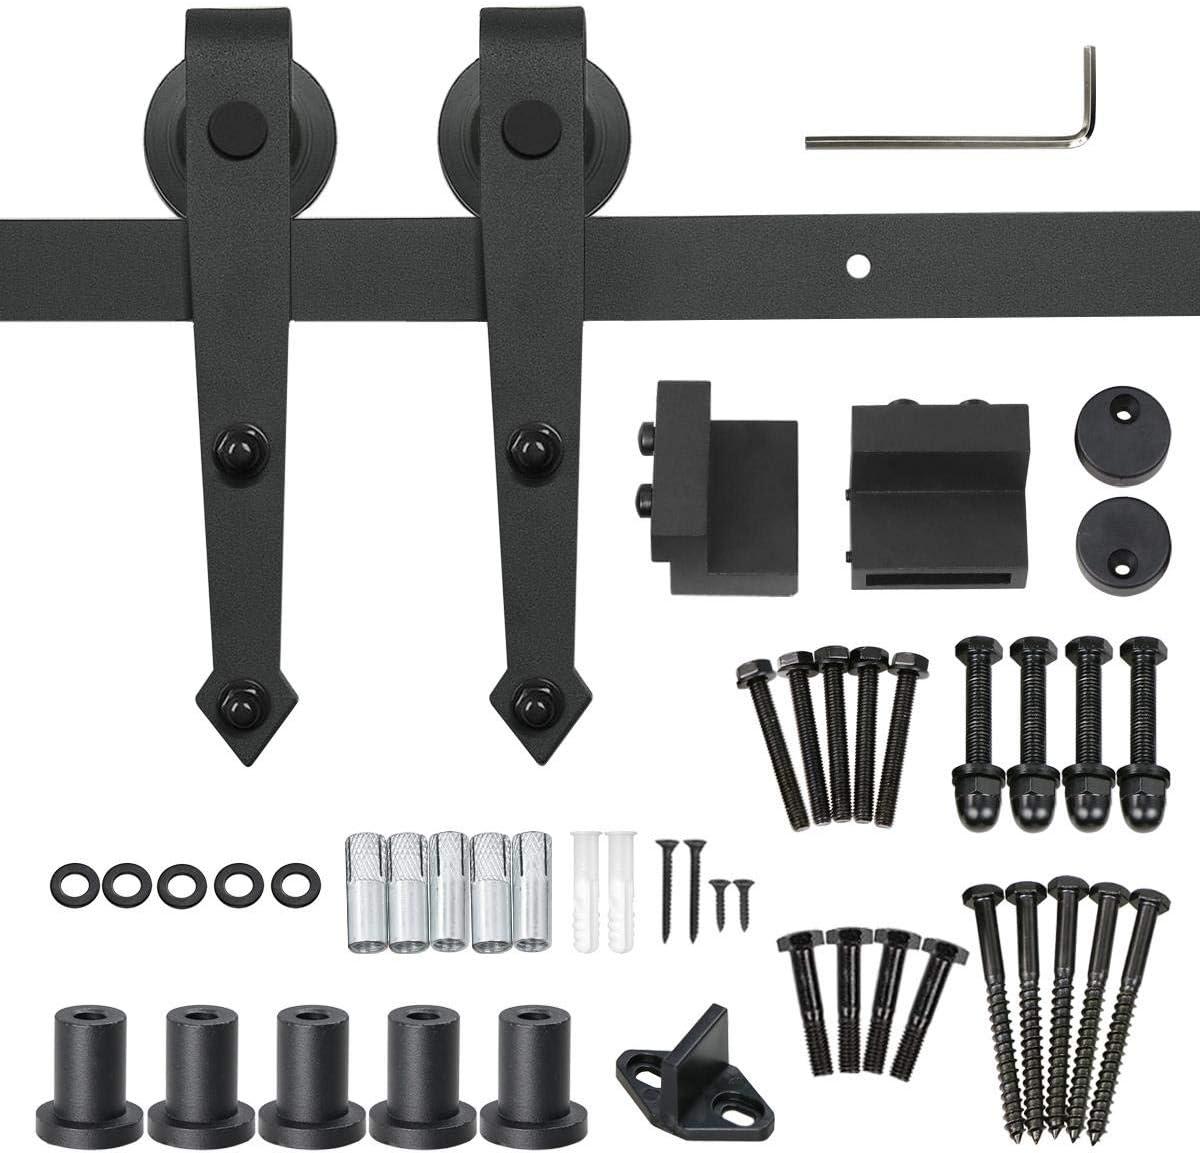 stabil und leise 6FT (183CM) f/ür eint/ürigen Einbau schwarz einfach zu montieren 6FT//183cm Schiebet/ürbeschlag Set,Schiebet/ür set Schiene,Verstellbare Schiebet/ür Schiene Hardware Kit